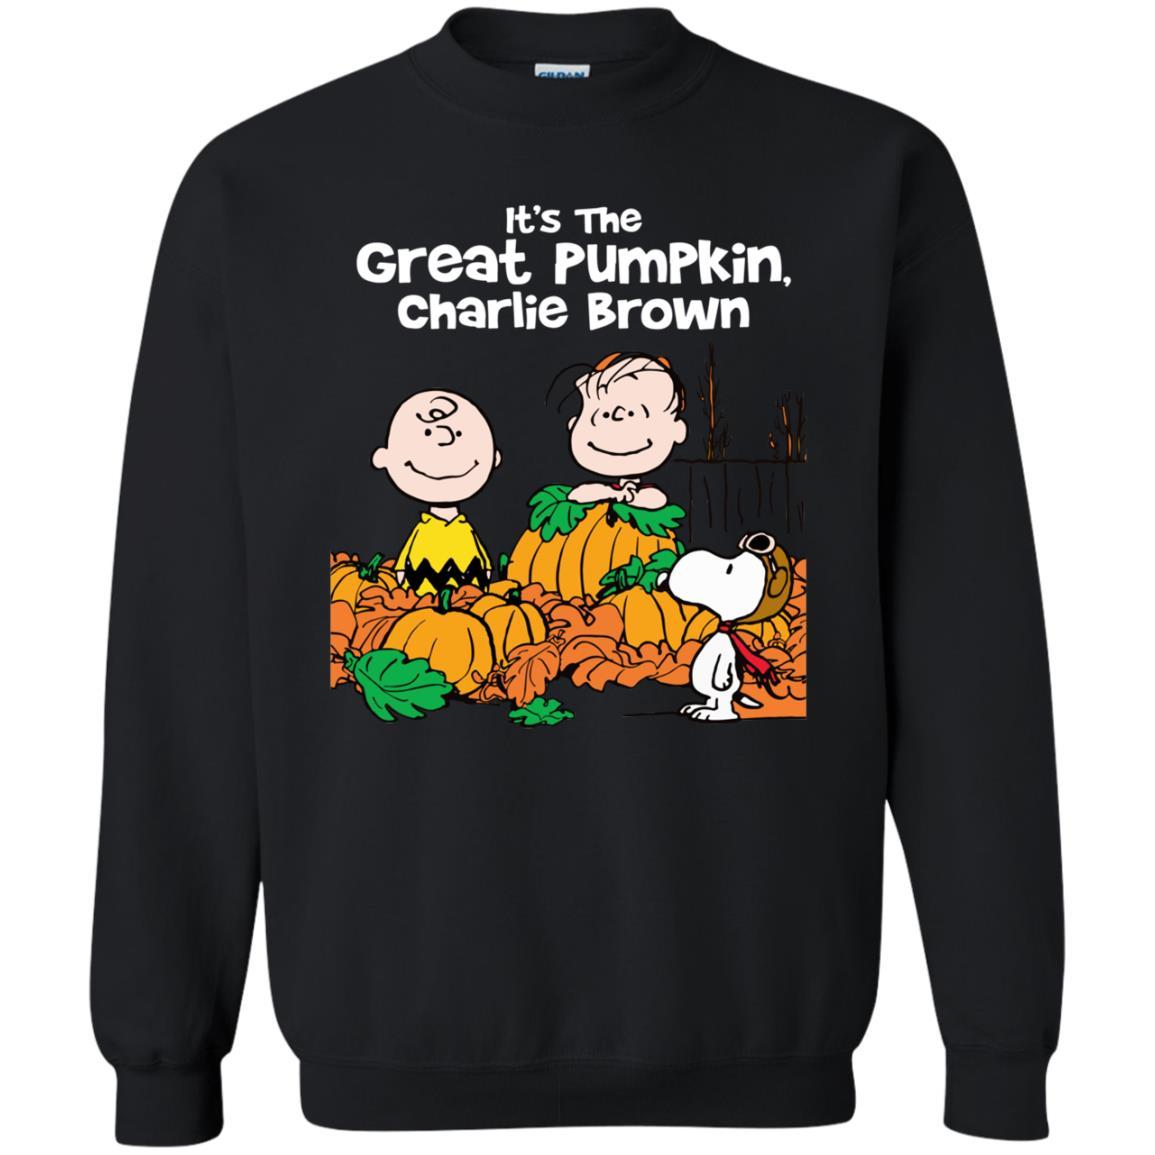 image 259 - It's the Great Pumpkin Charlie Brown shirt, hoodie, tank